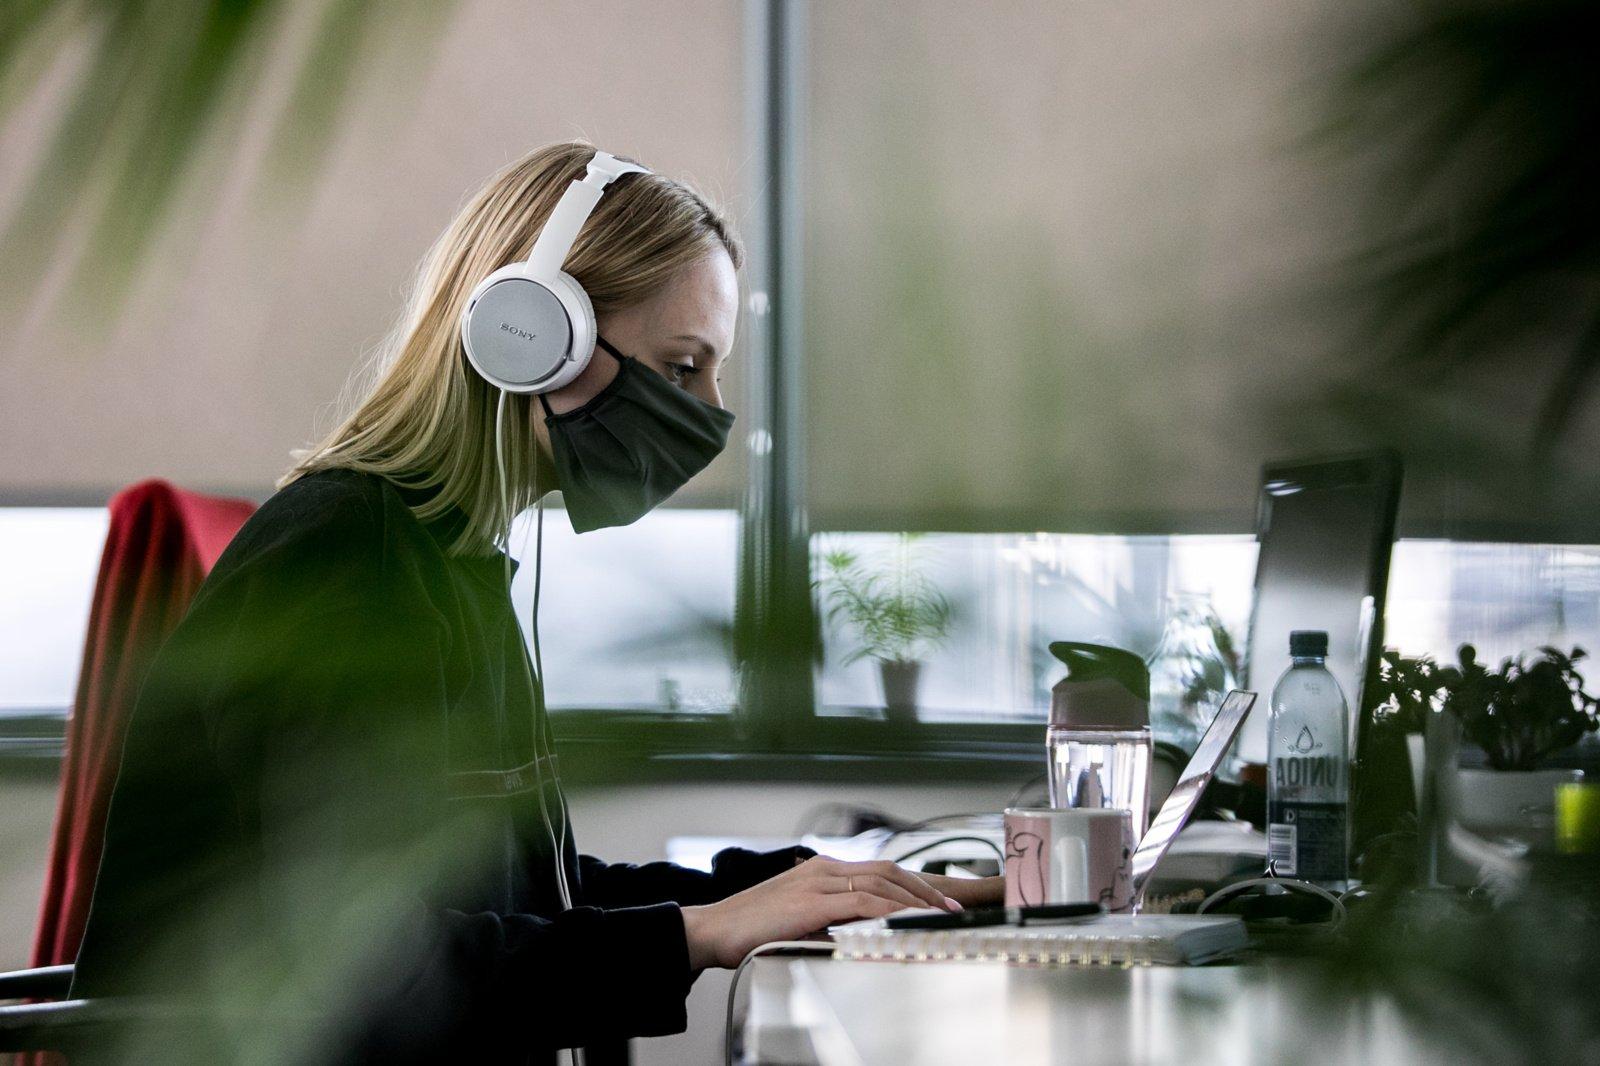 Darbo inspekcija tikrins, ar darbdaviai laikosi ribojimų